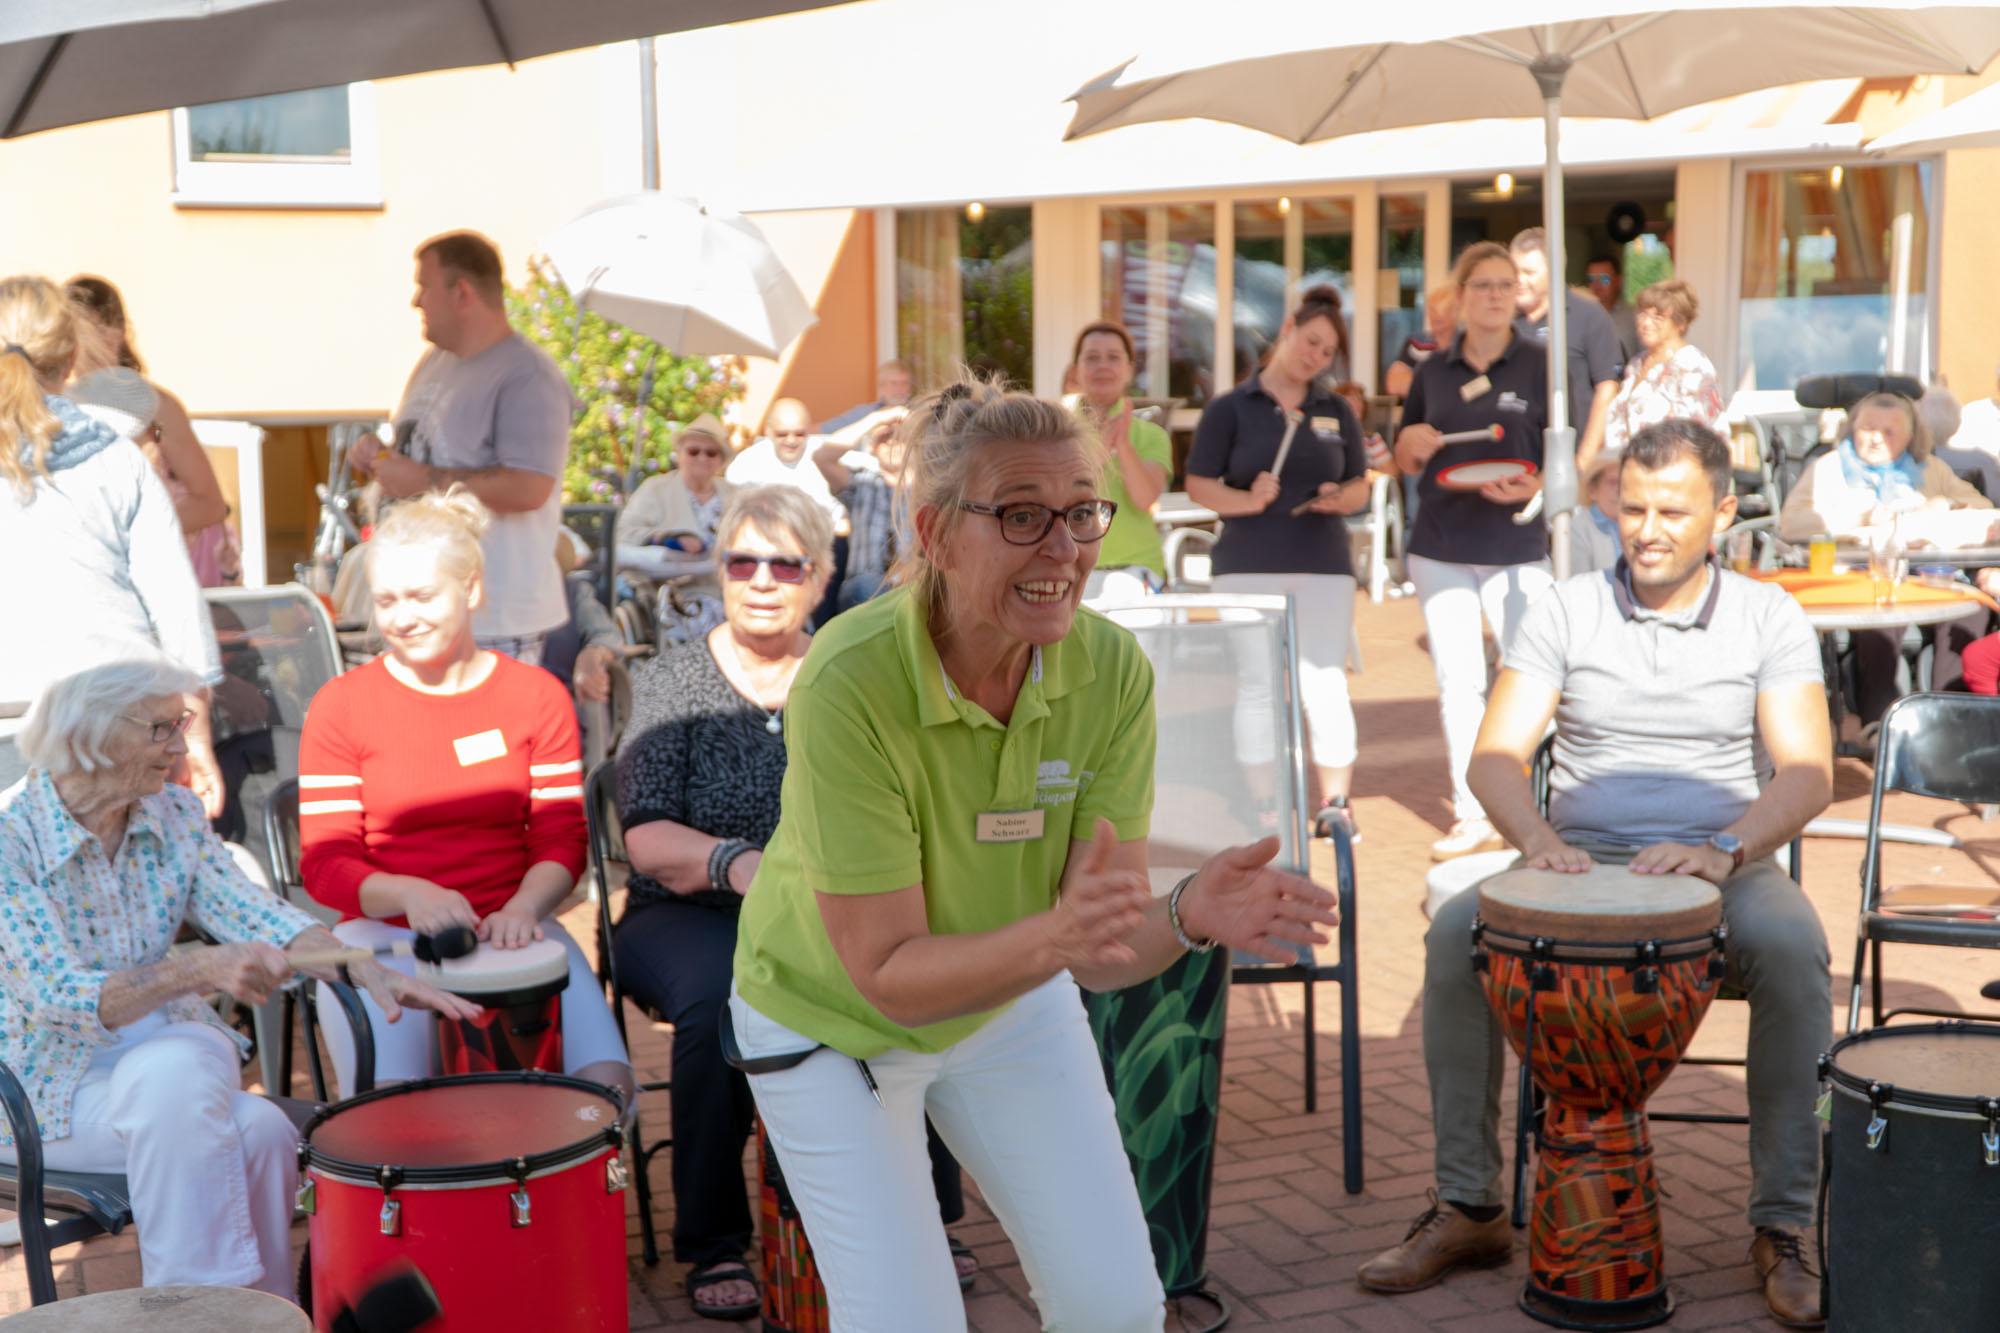 Wir Sind Altenpflege Seniorendomizil Riepenblick Sommerfest Drum Circle11. August 2018 ARMAMDO VERANO-39